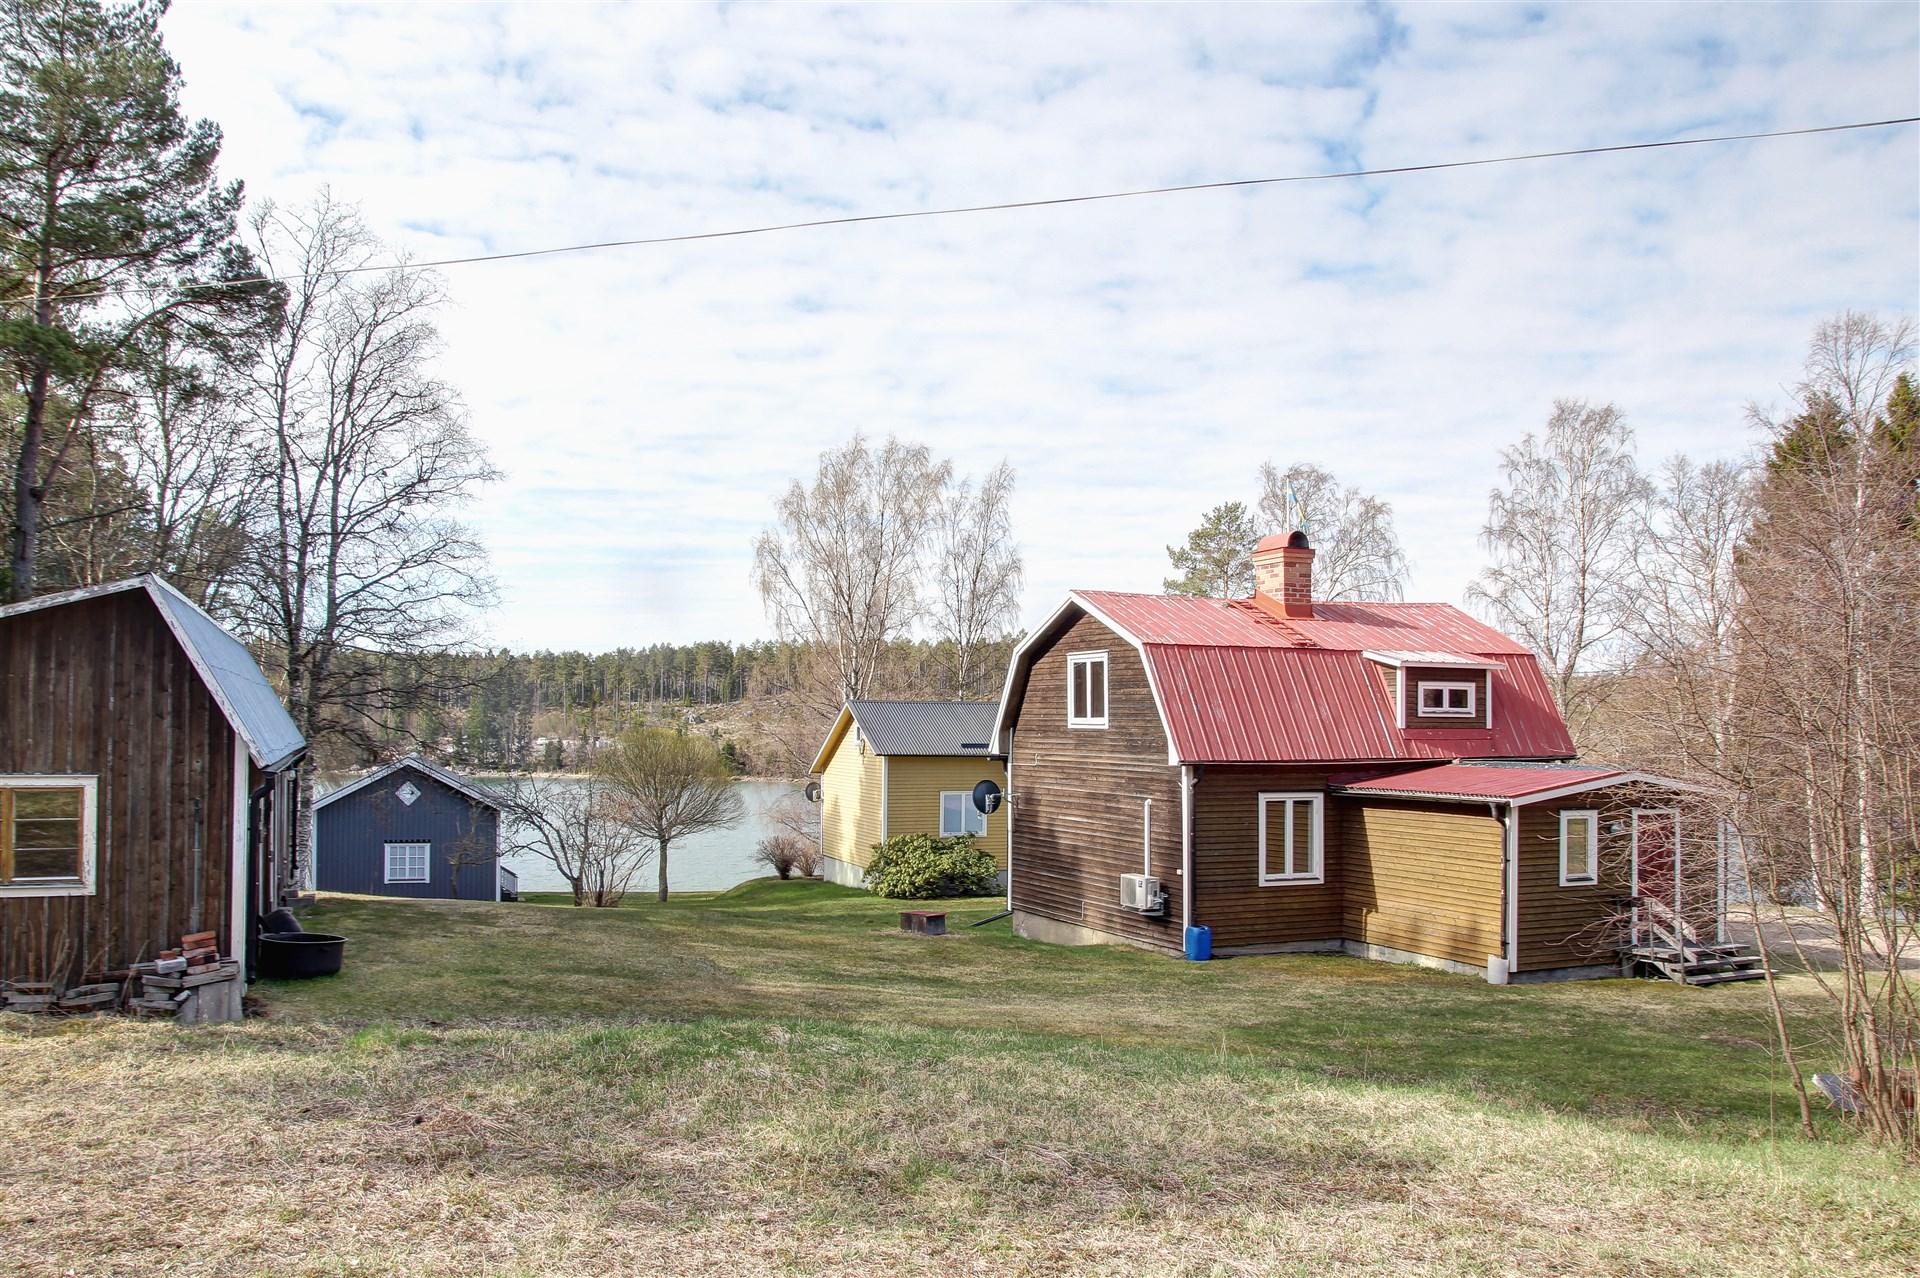 I dagsläget finns två bostadshus, gäststuga och garage-/förrådsbyggnad